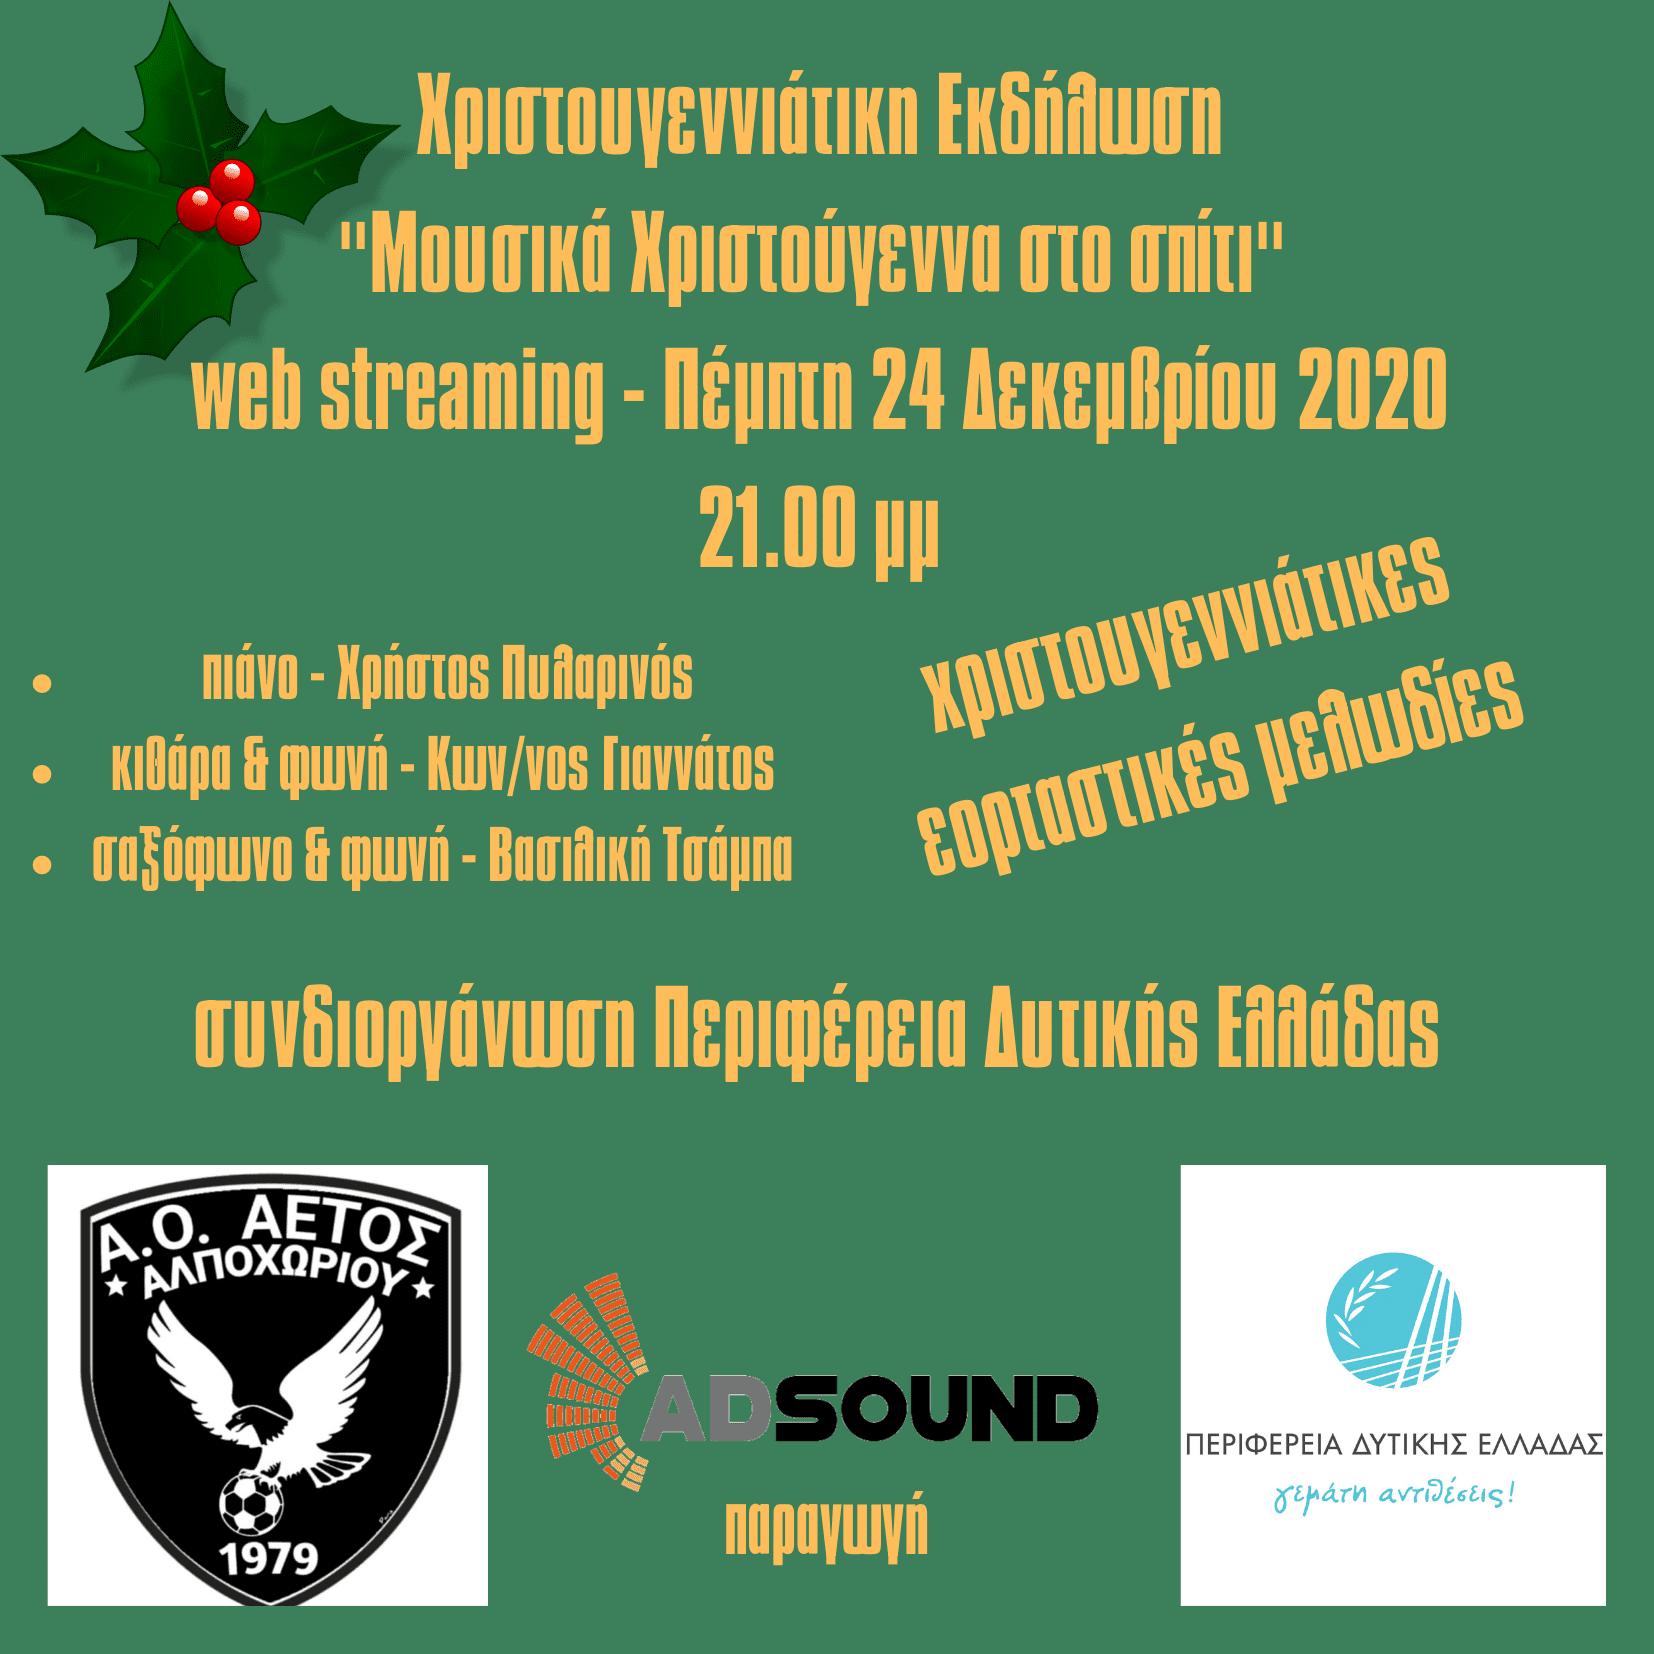 20201224 Χριστουγεννιάτικη Εκδήλωση